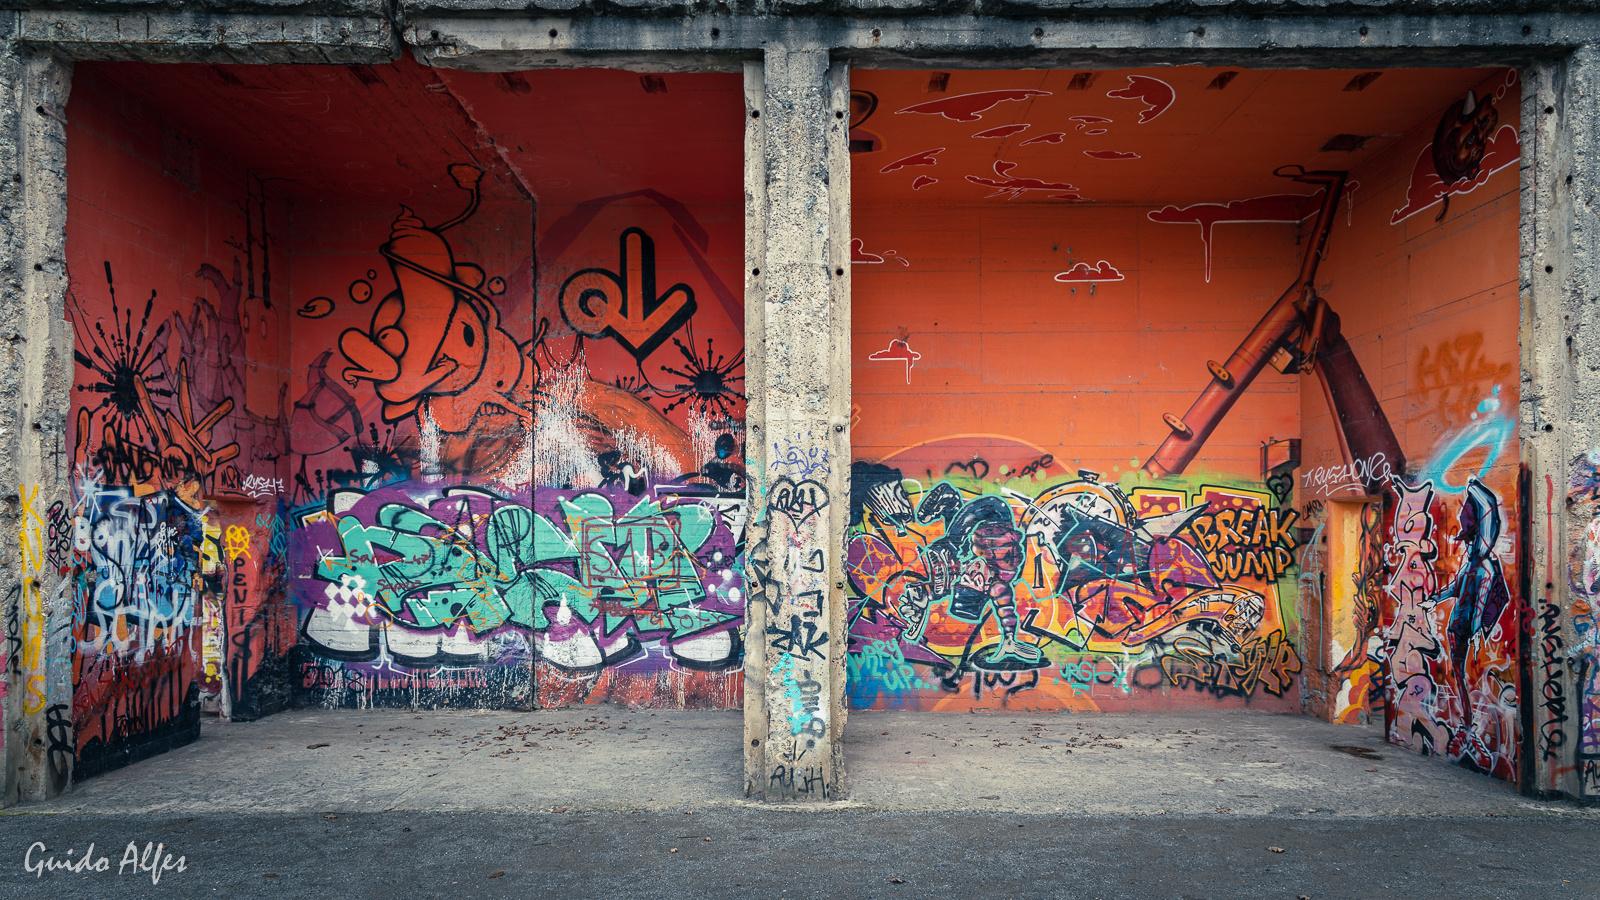 Graffitikunst überlagert von Graffitischmiererei